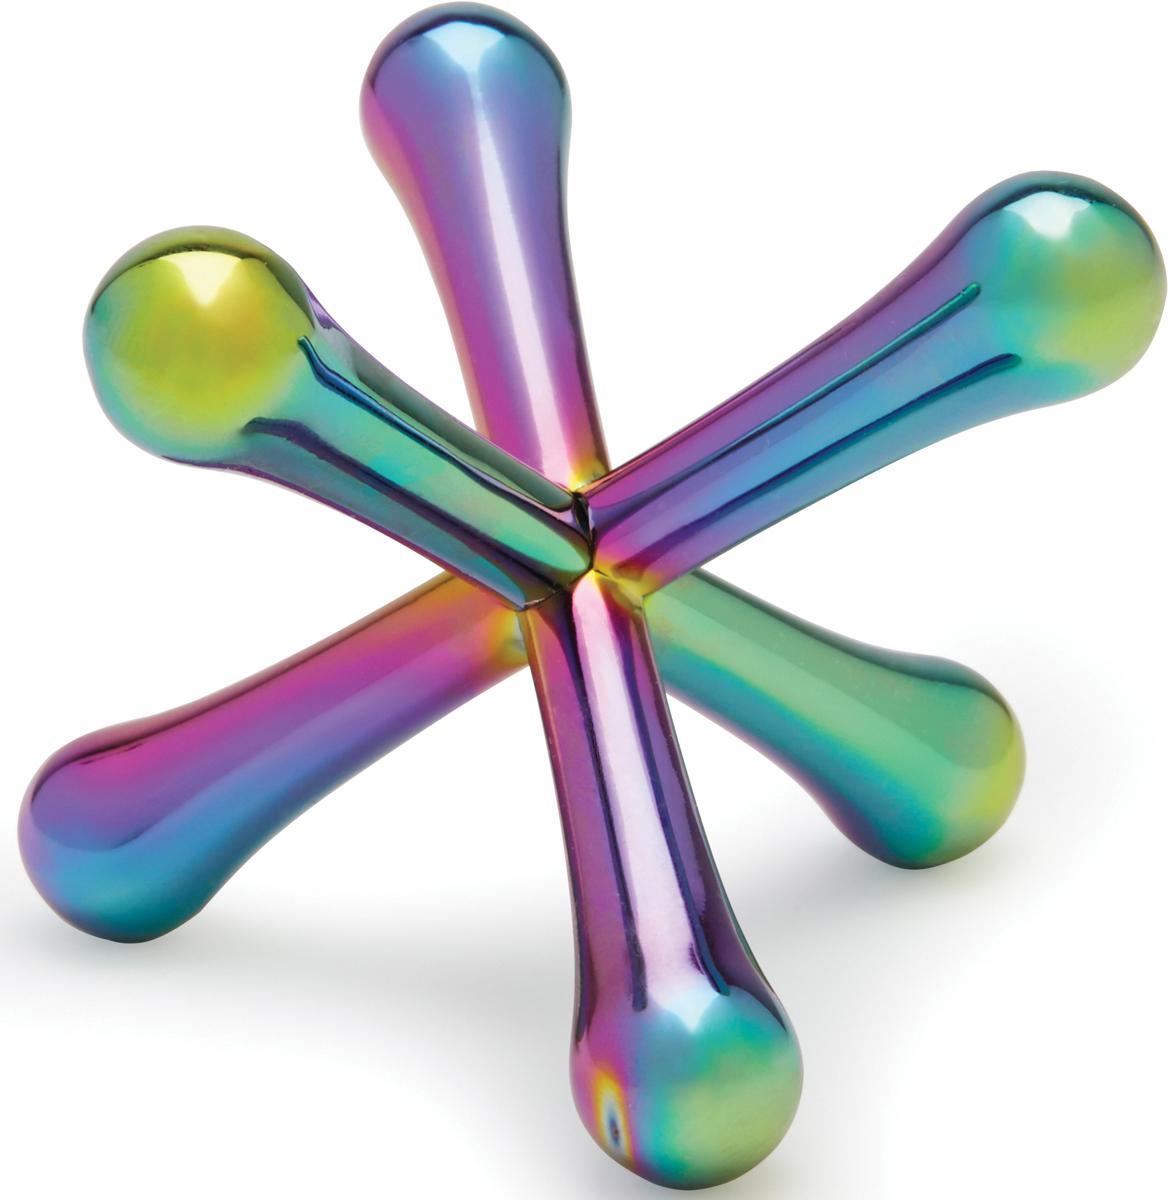 Держатель для колец Umbra Jacks, цвет: голографический держатель для ключей и писем umbra держатель для ключей и писем